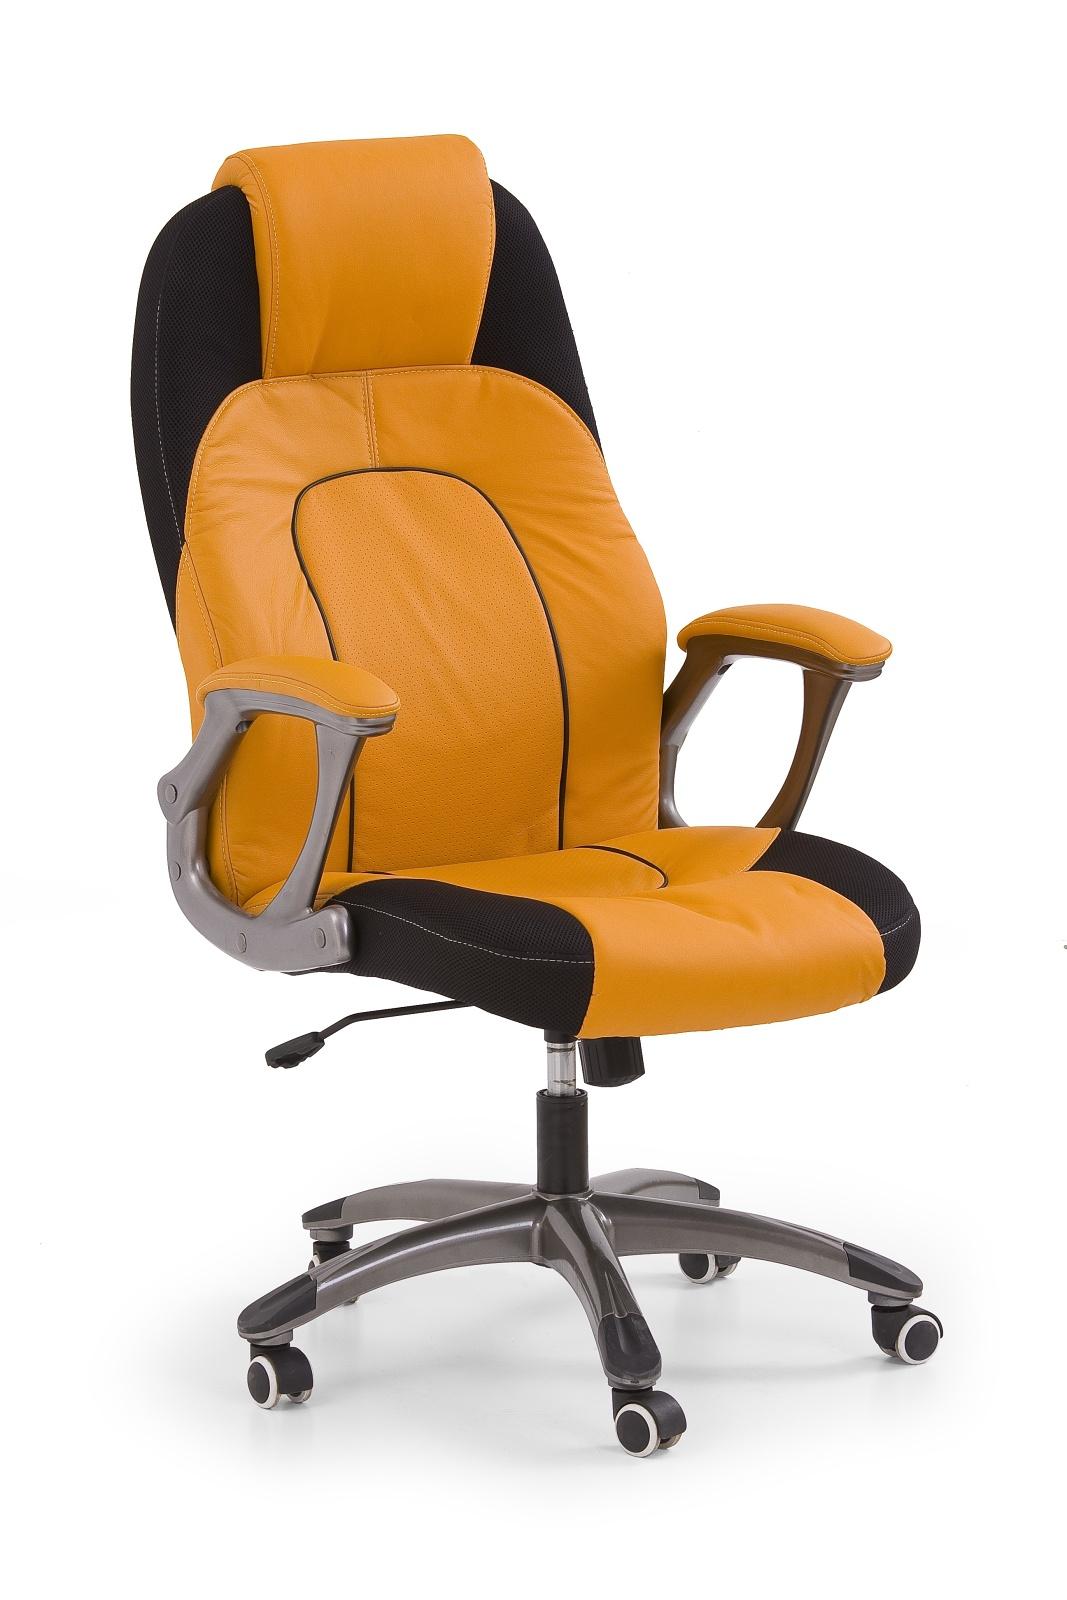 Kancelárske kreslo - Halmar - Viper. Sme autorizovaný predajca Halmar. Vlastná spoľahlivá doprava až k Vám domov.